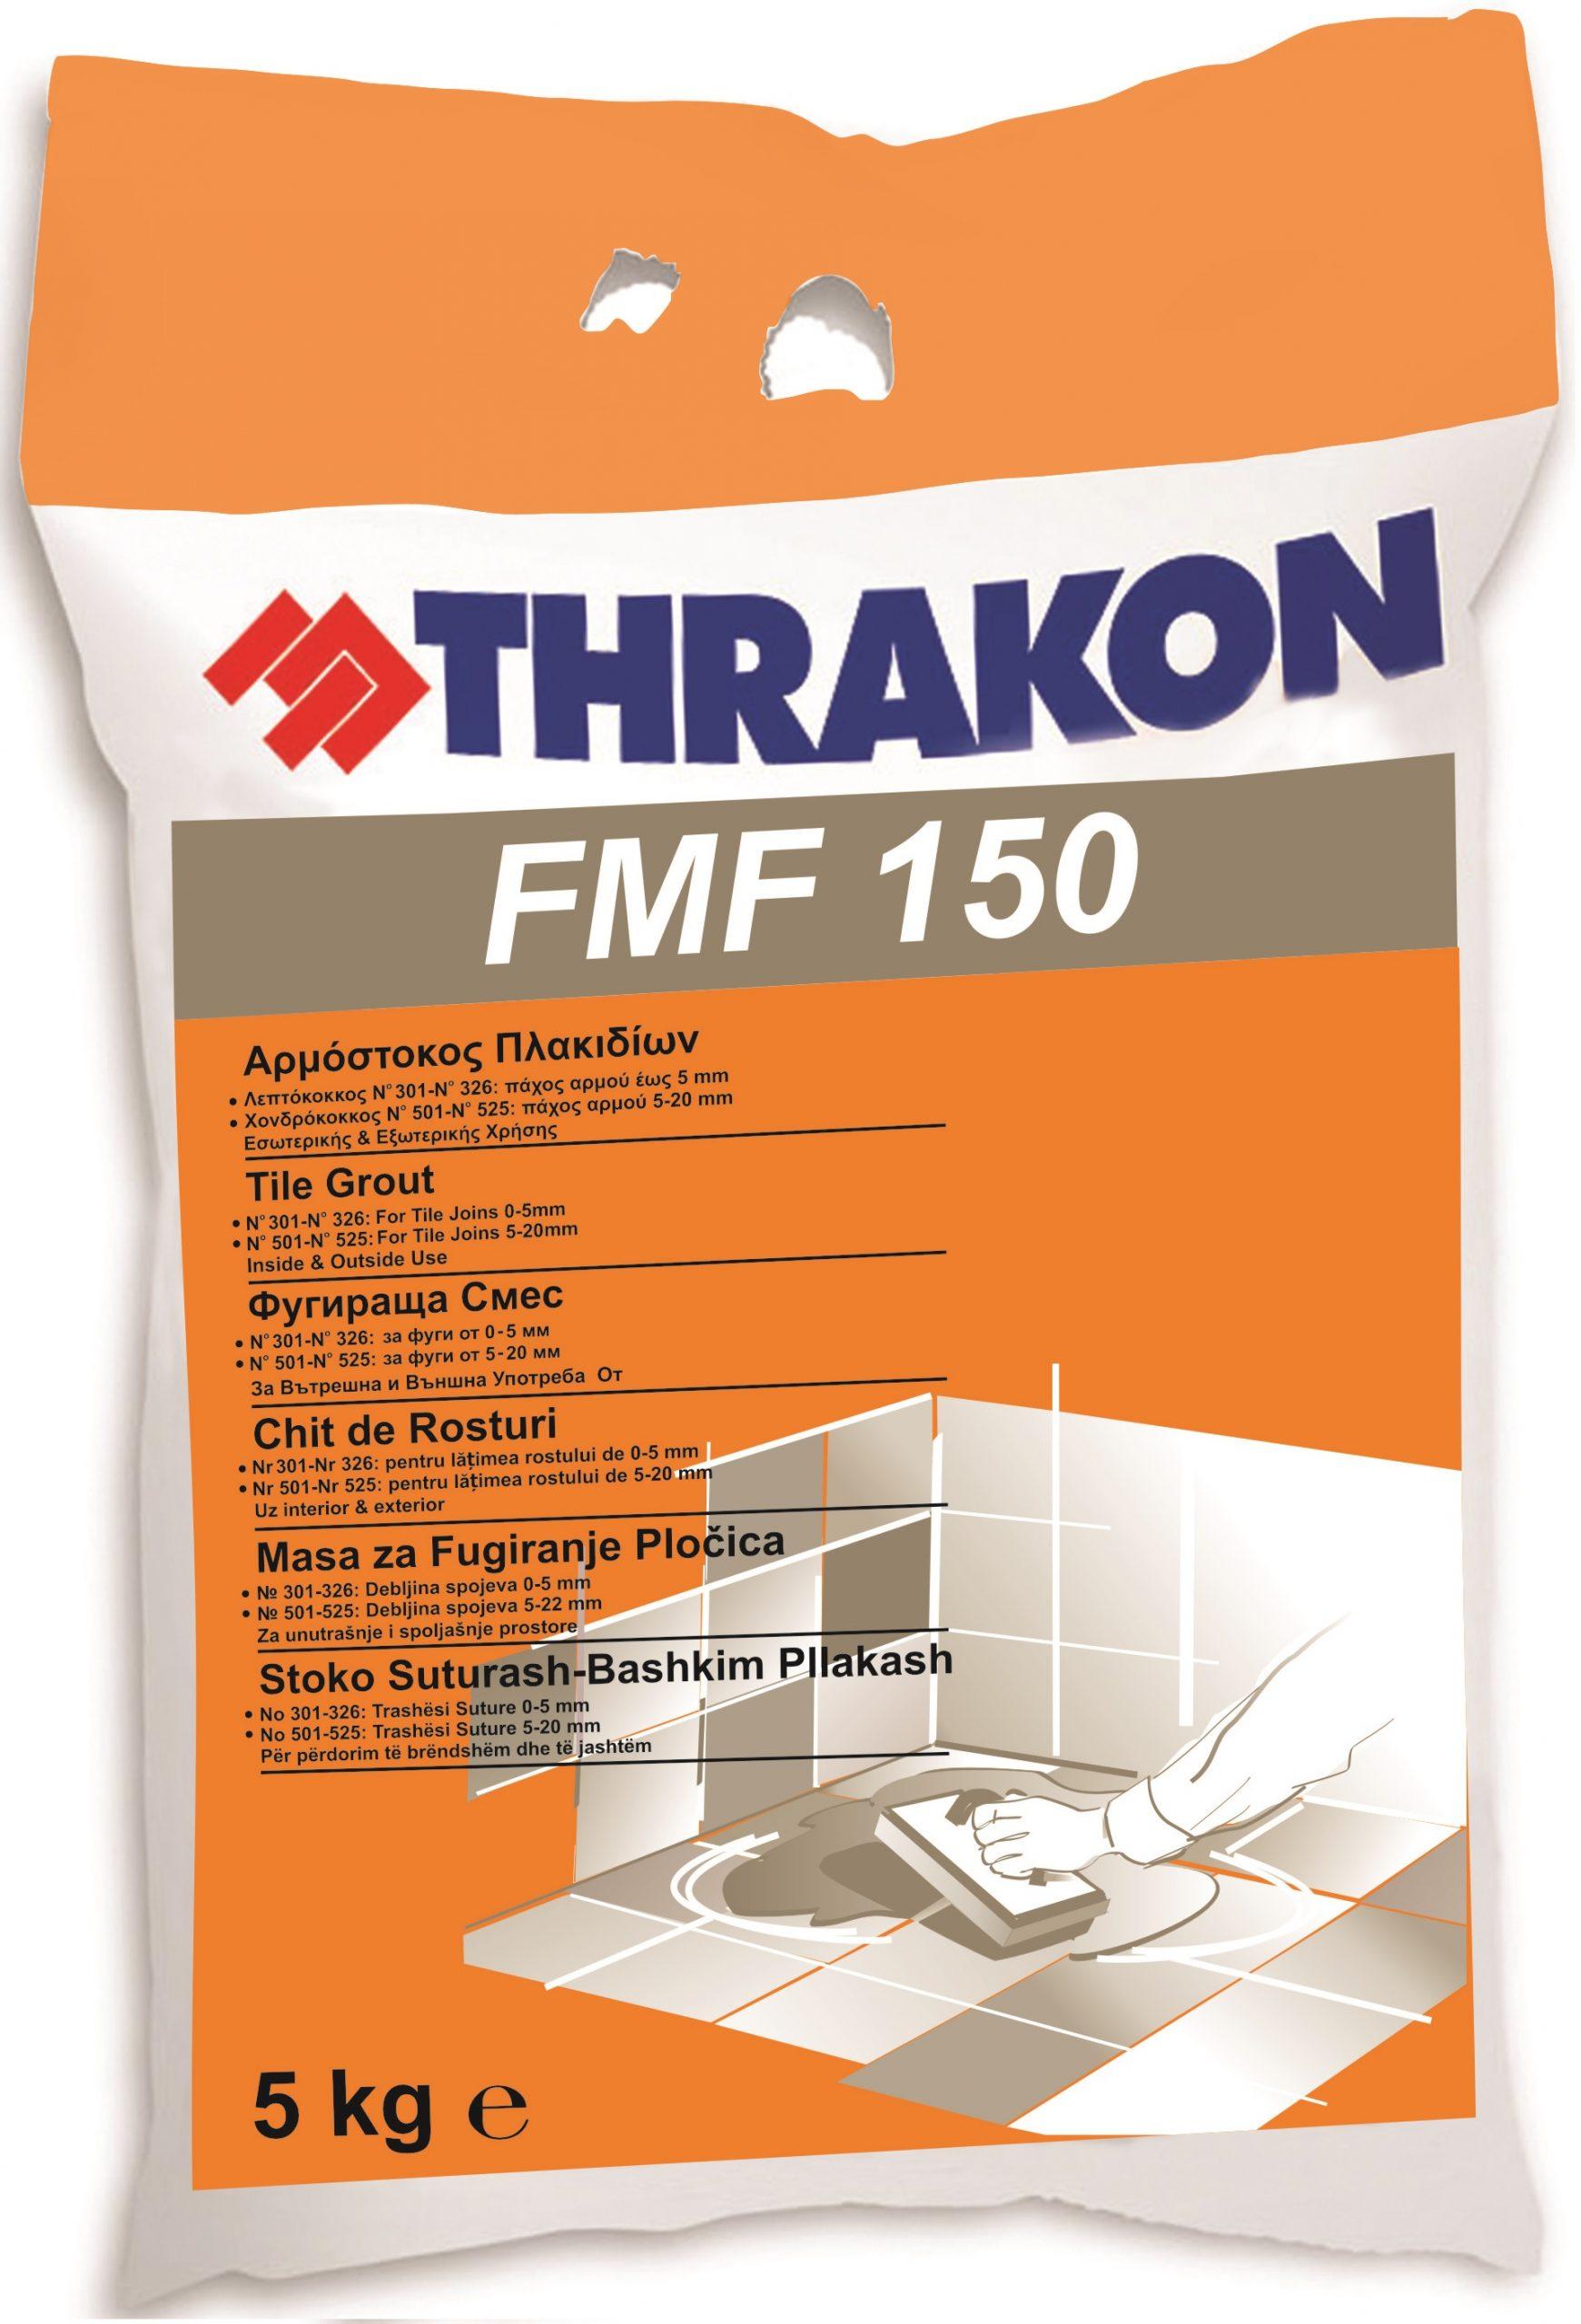 fmf 150